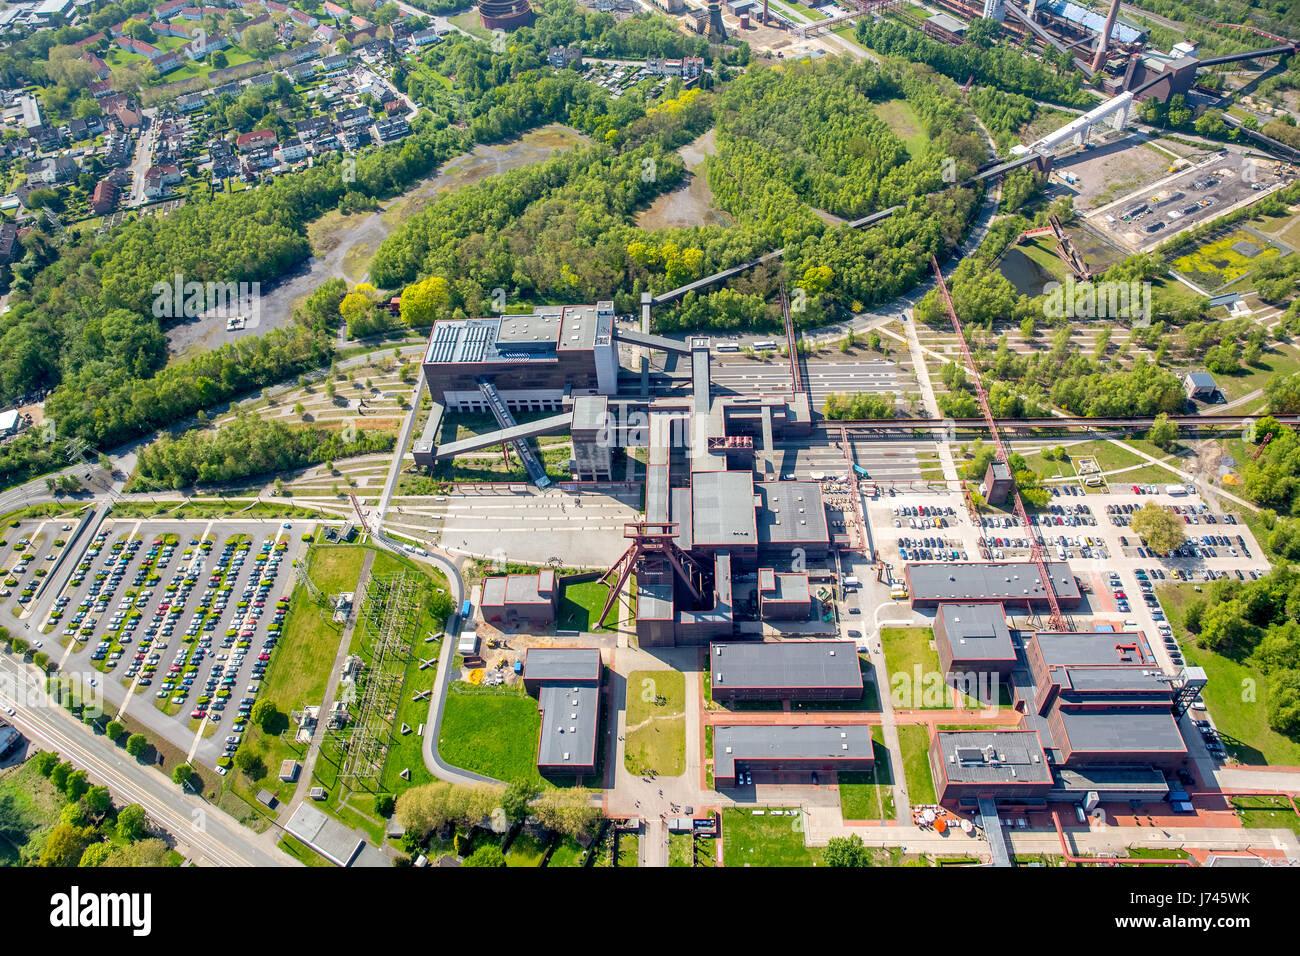 Zollverein World Cultural Heritage Zollverein, Essen, Ruhr area, North Rhine-Westphalia, Germany,Zollverein,  Weltkulturerbe - Stock Image